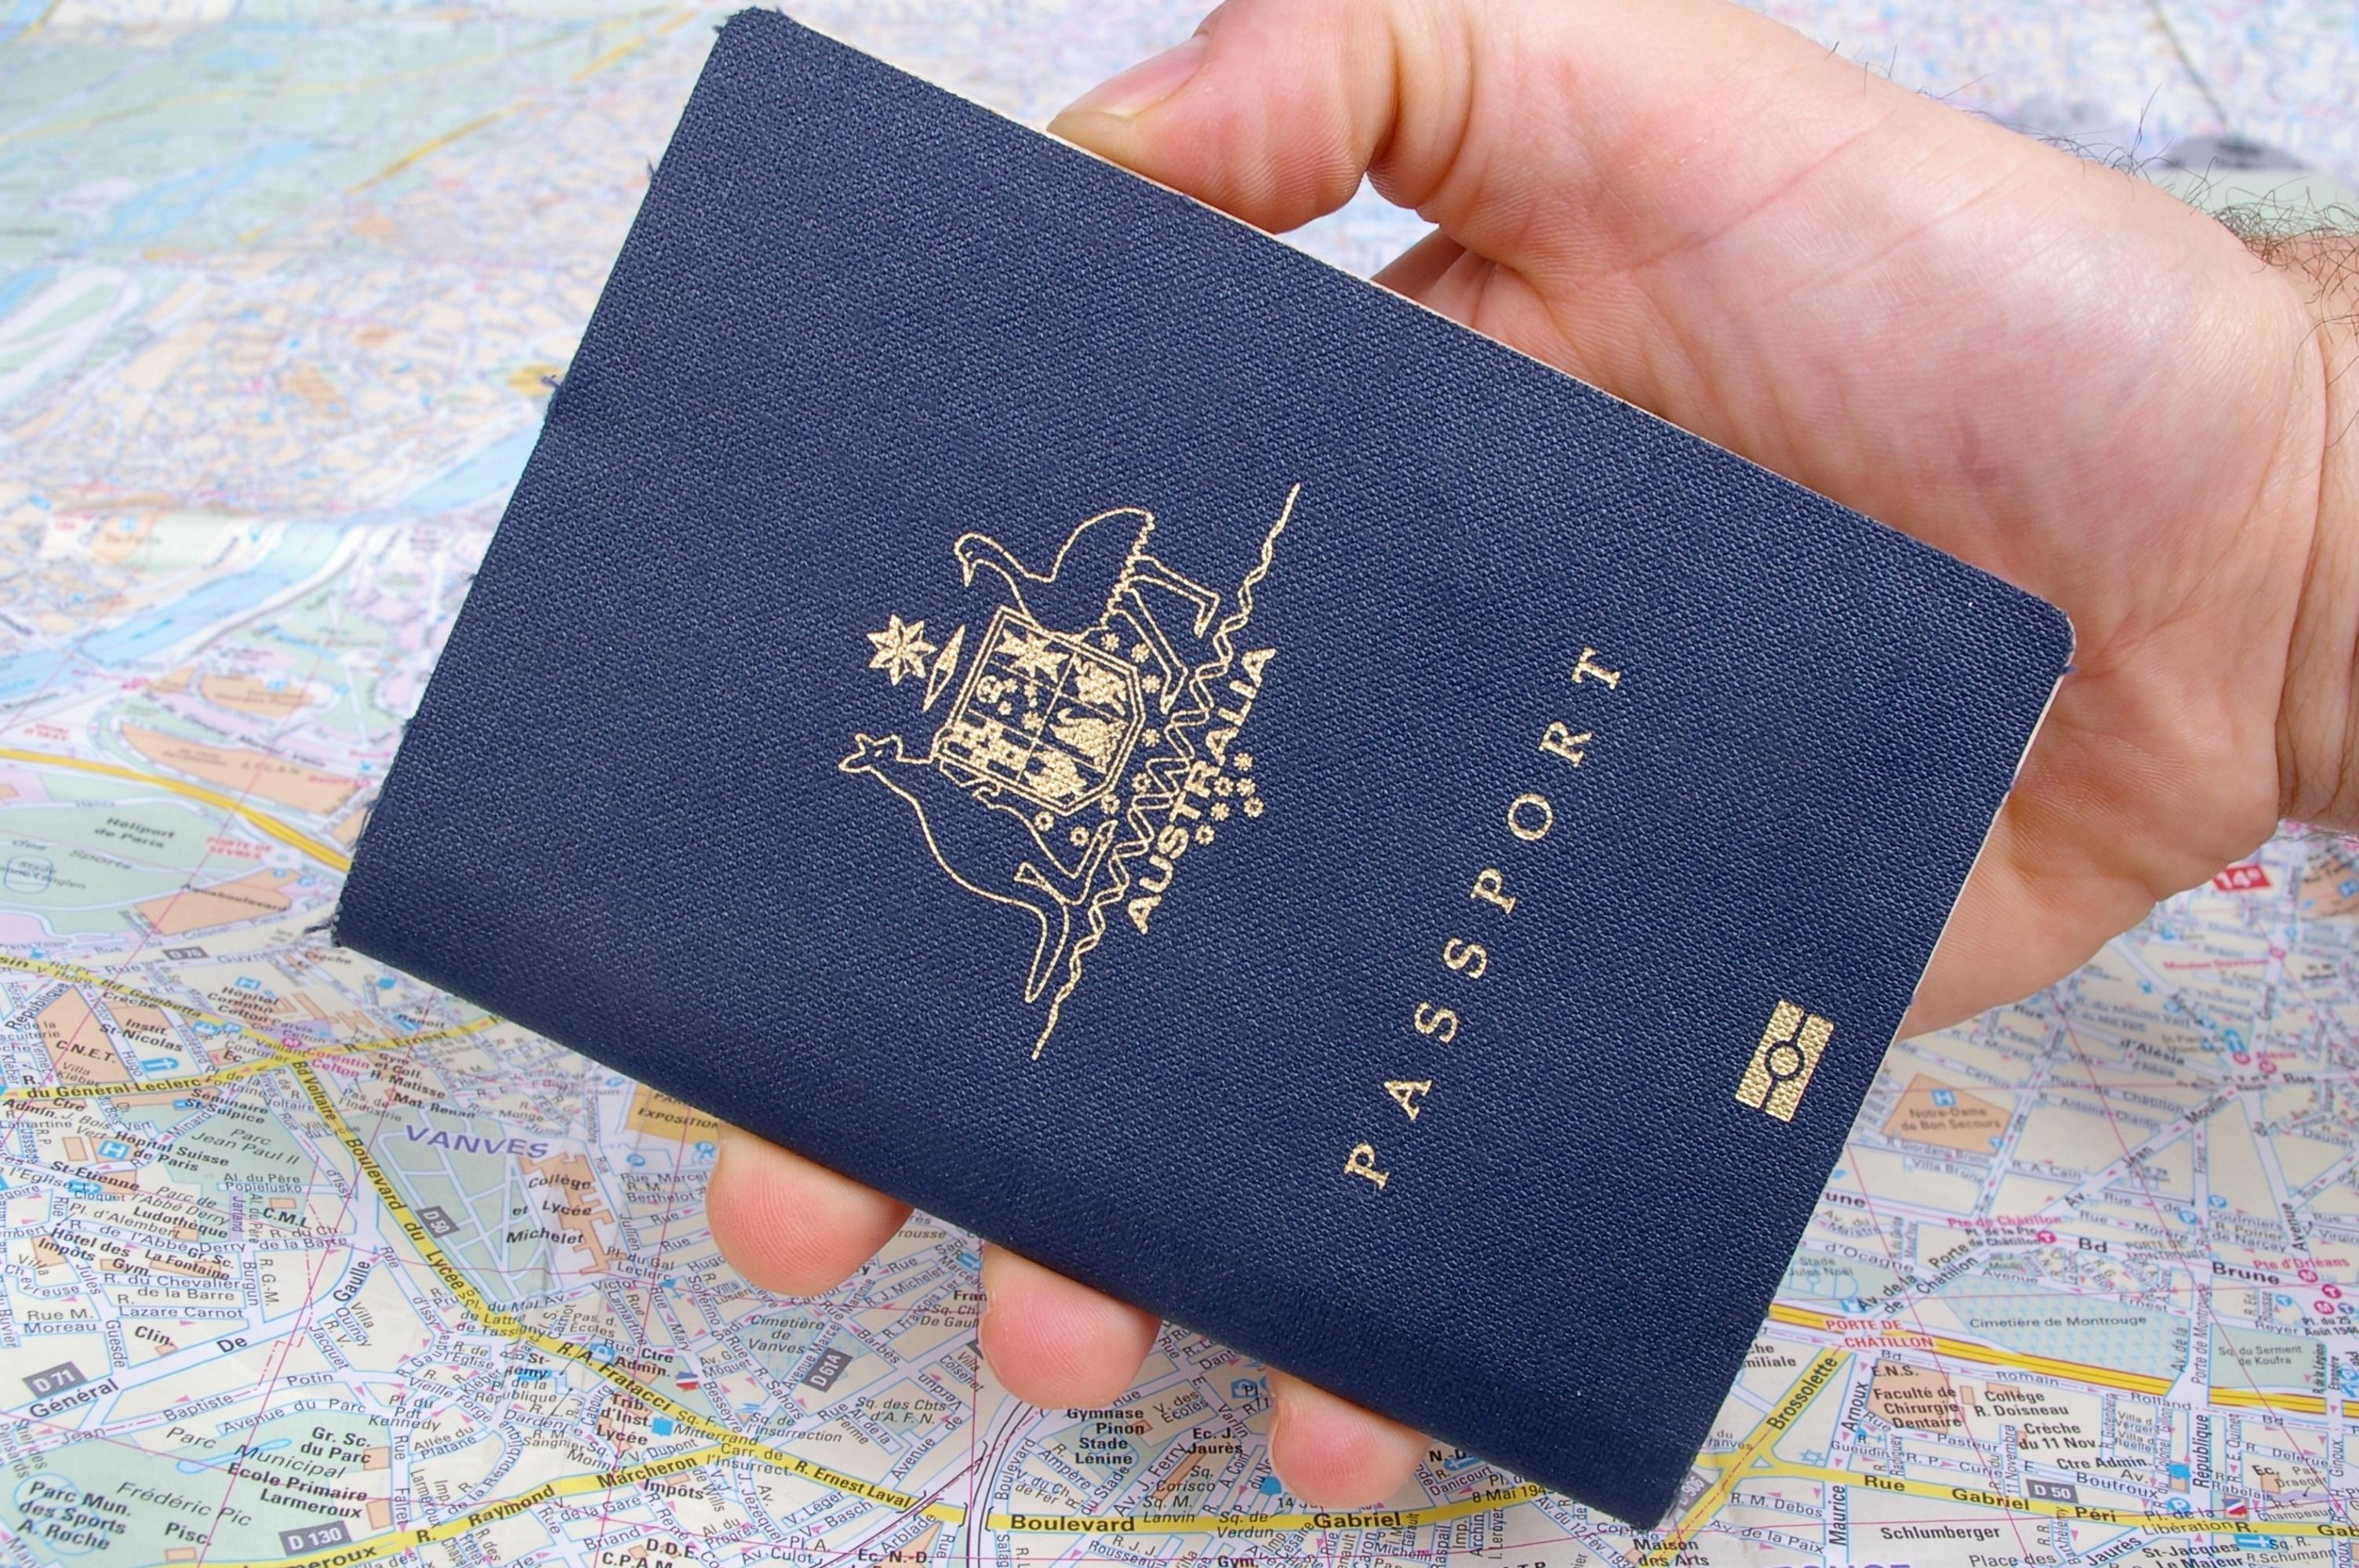 ho chieu viet nam co it quyen luc tren the gioi 3 - Quyền lực của hộ chiếu Vietnam xếp thứ78/94 gần cuối bảng xếp hạng, Úc xếp thứ 7